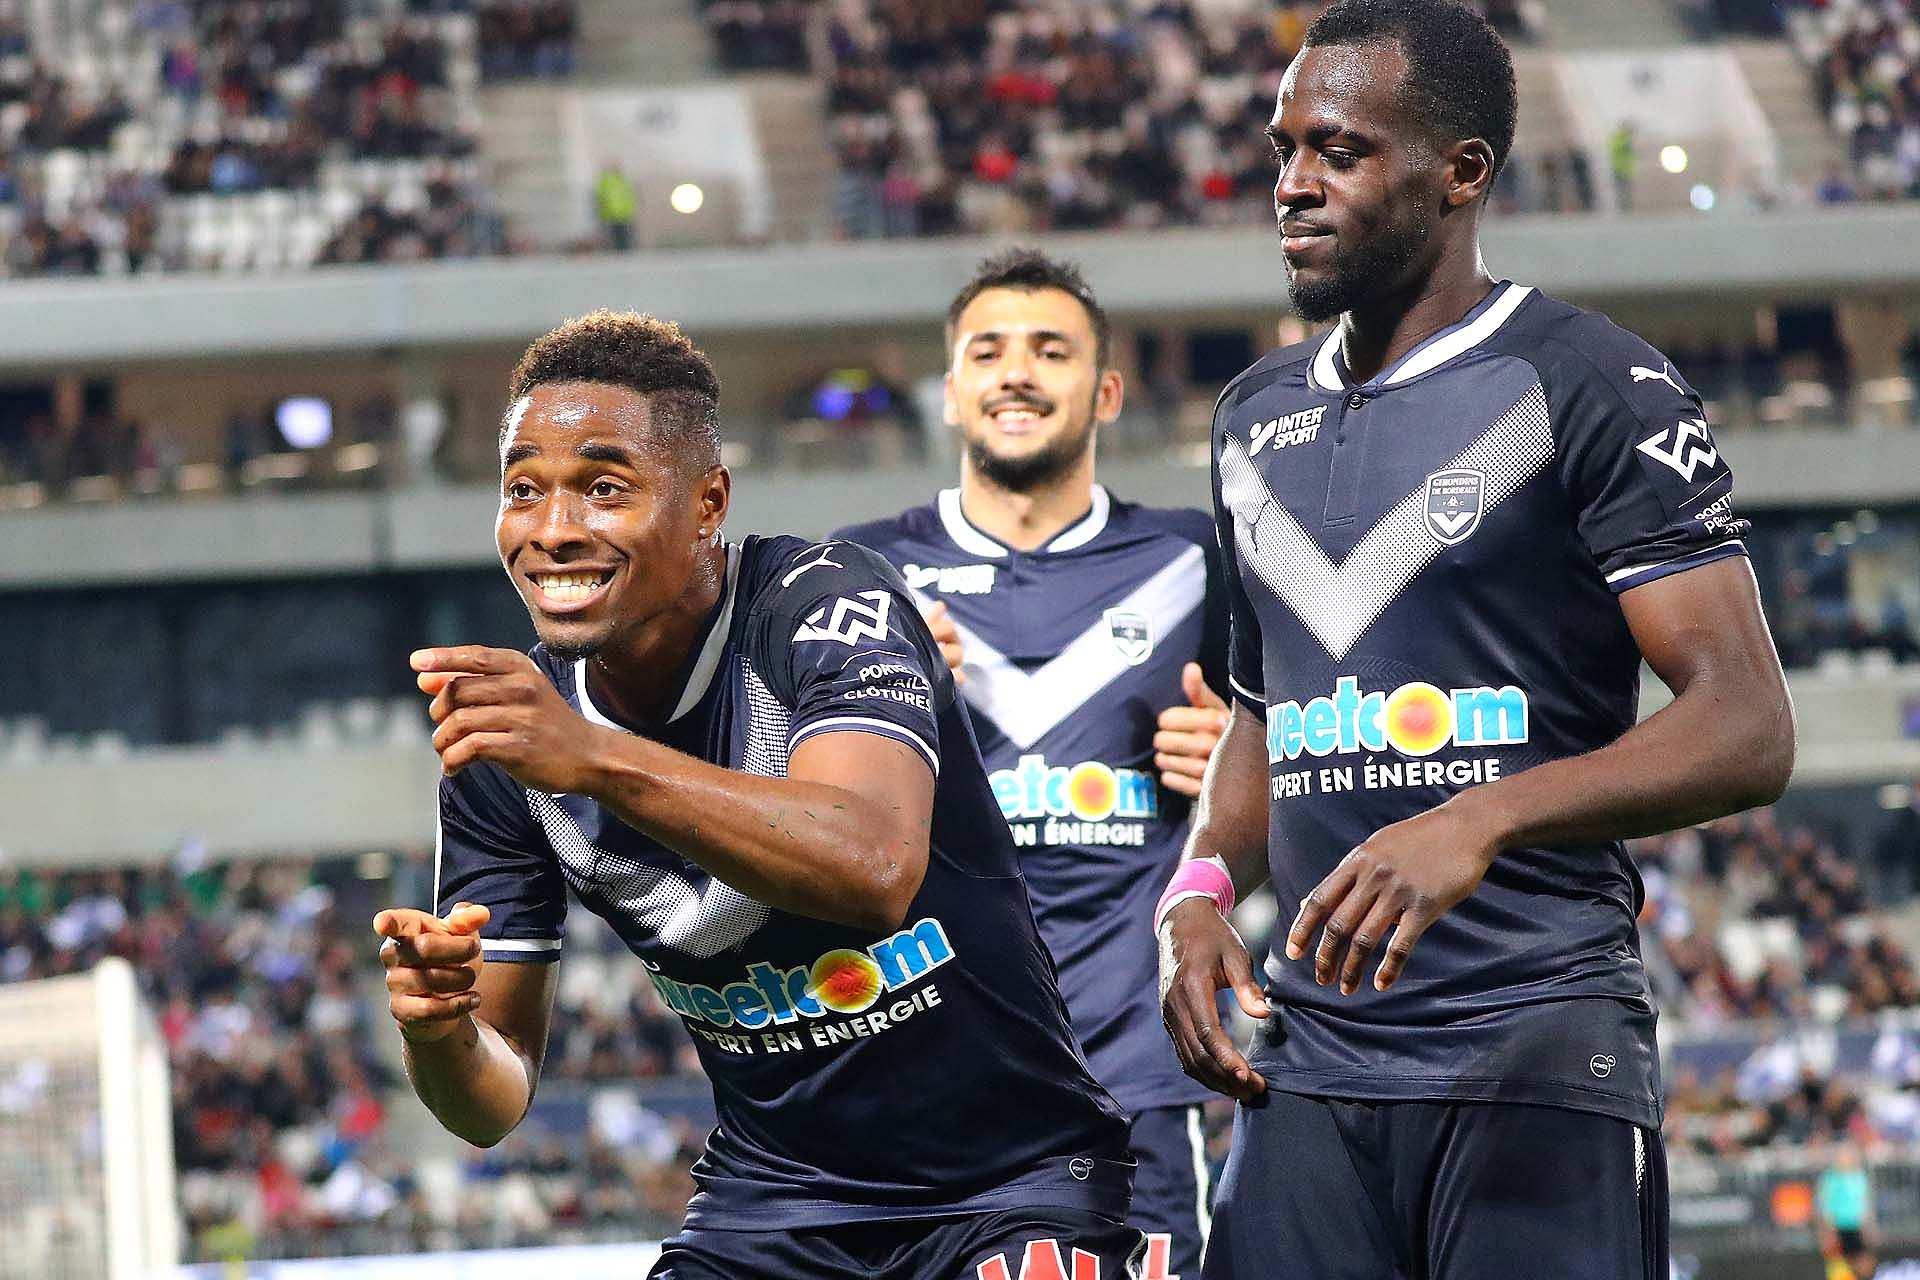 Bordeaux-Nantes 7 ottobre: si gioca per la nona giornata del campionato francese. I girondini partono favoriti per i 3 punti.